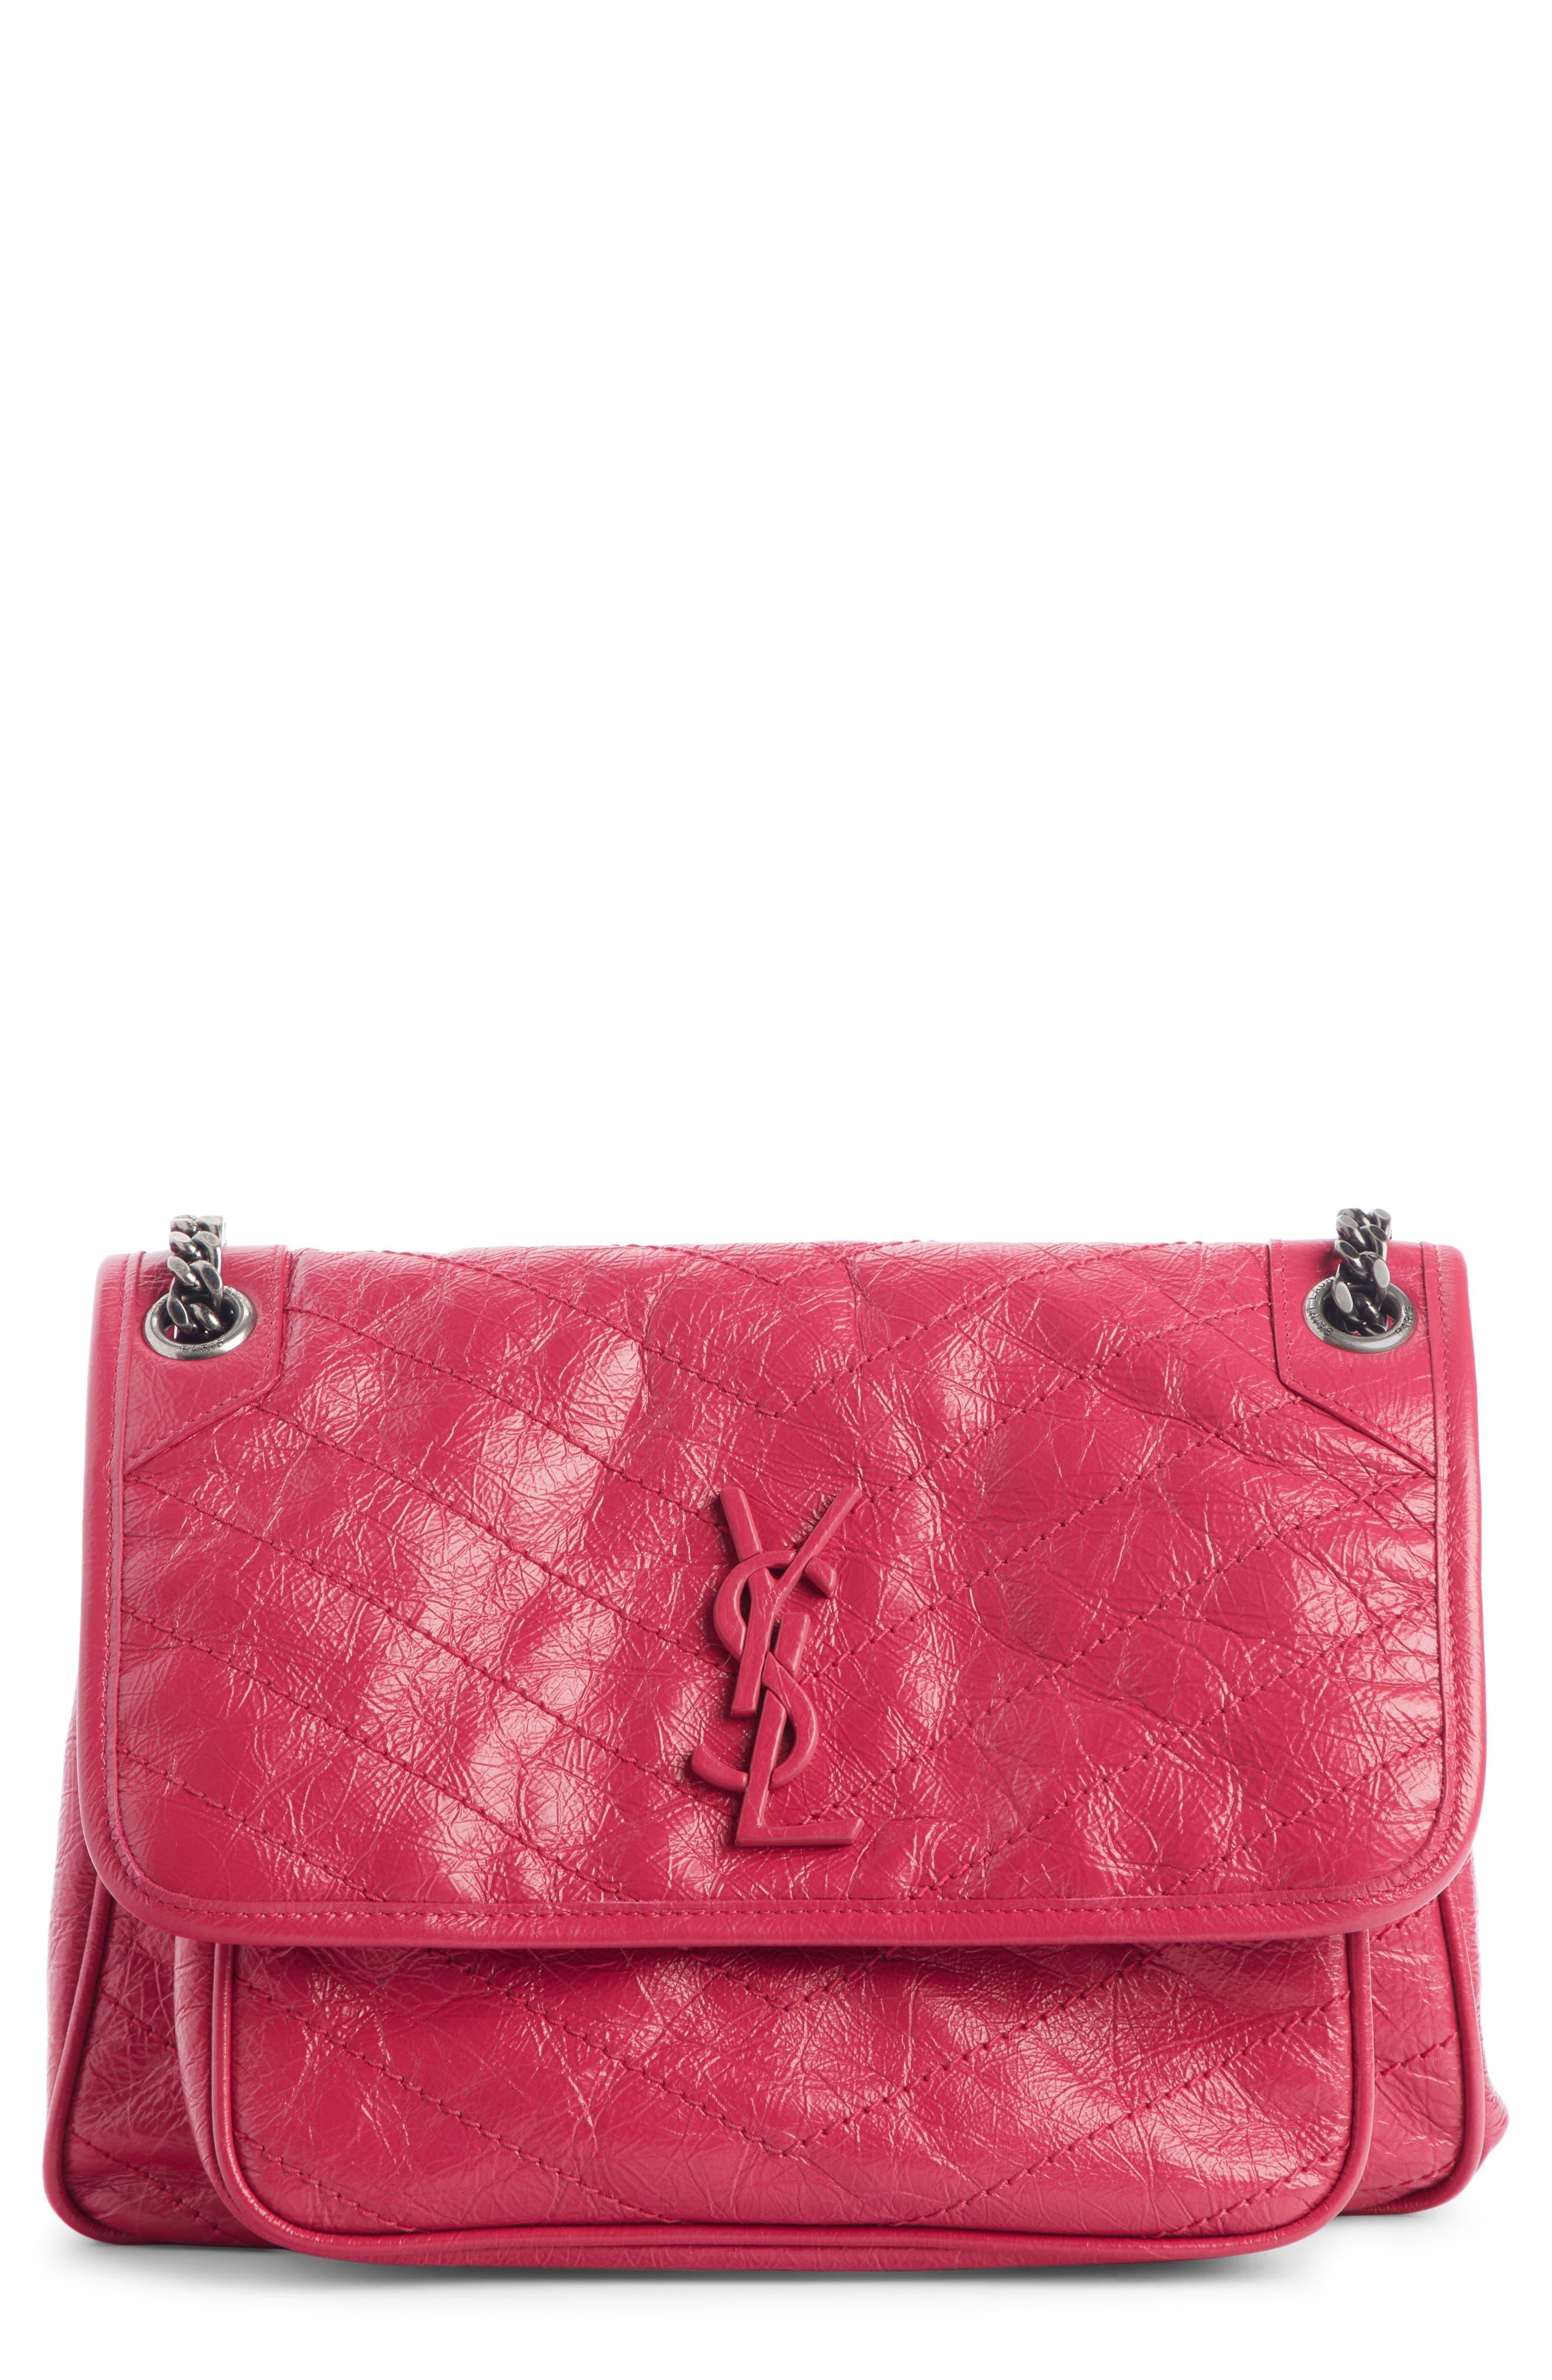 Medium Niki Leather Shoulder Bag, Main, color, FREESIA/ FREESIA